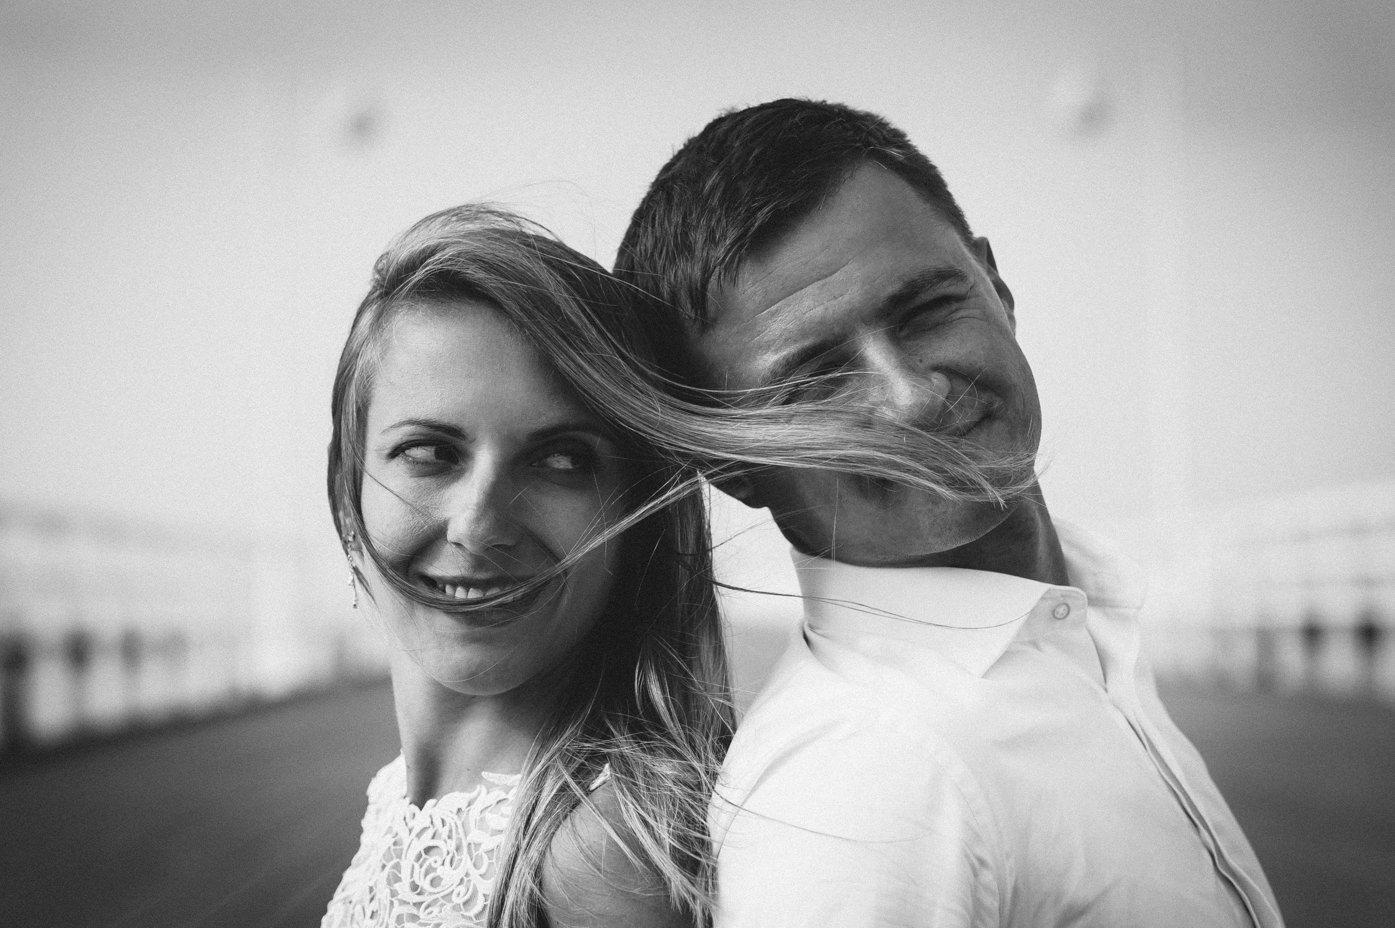 Fotografia ślubna Trójmiasto portret pary młodej z rozwianymi na wietrze kosmykami włosów